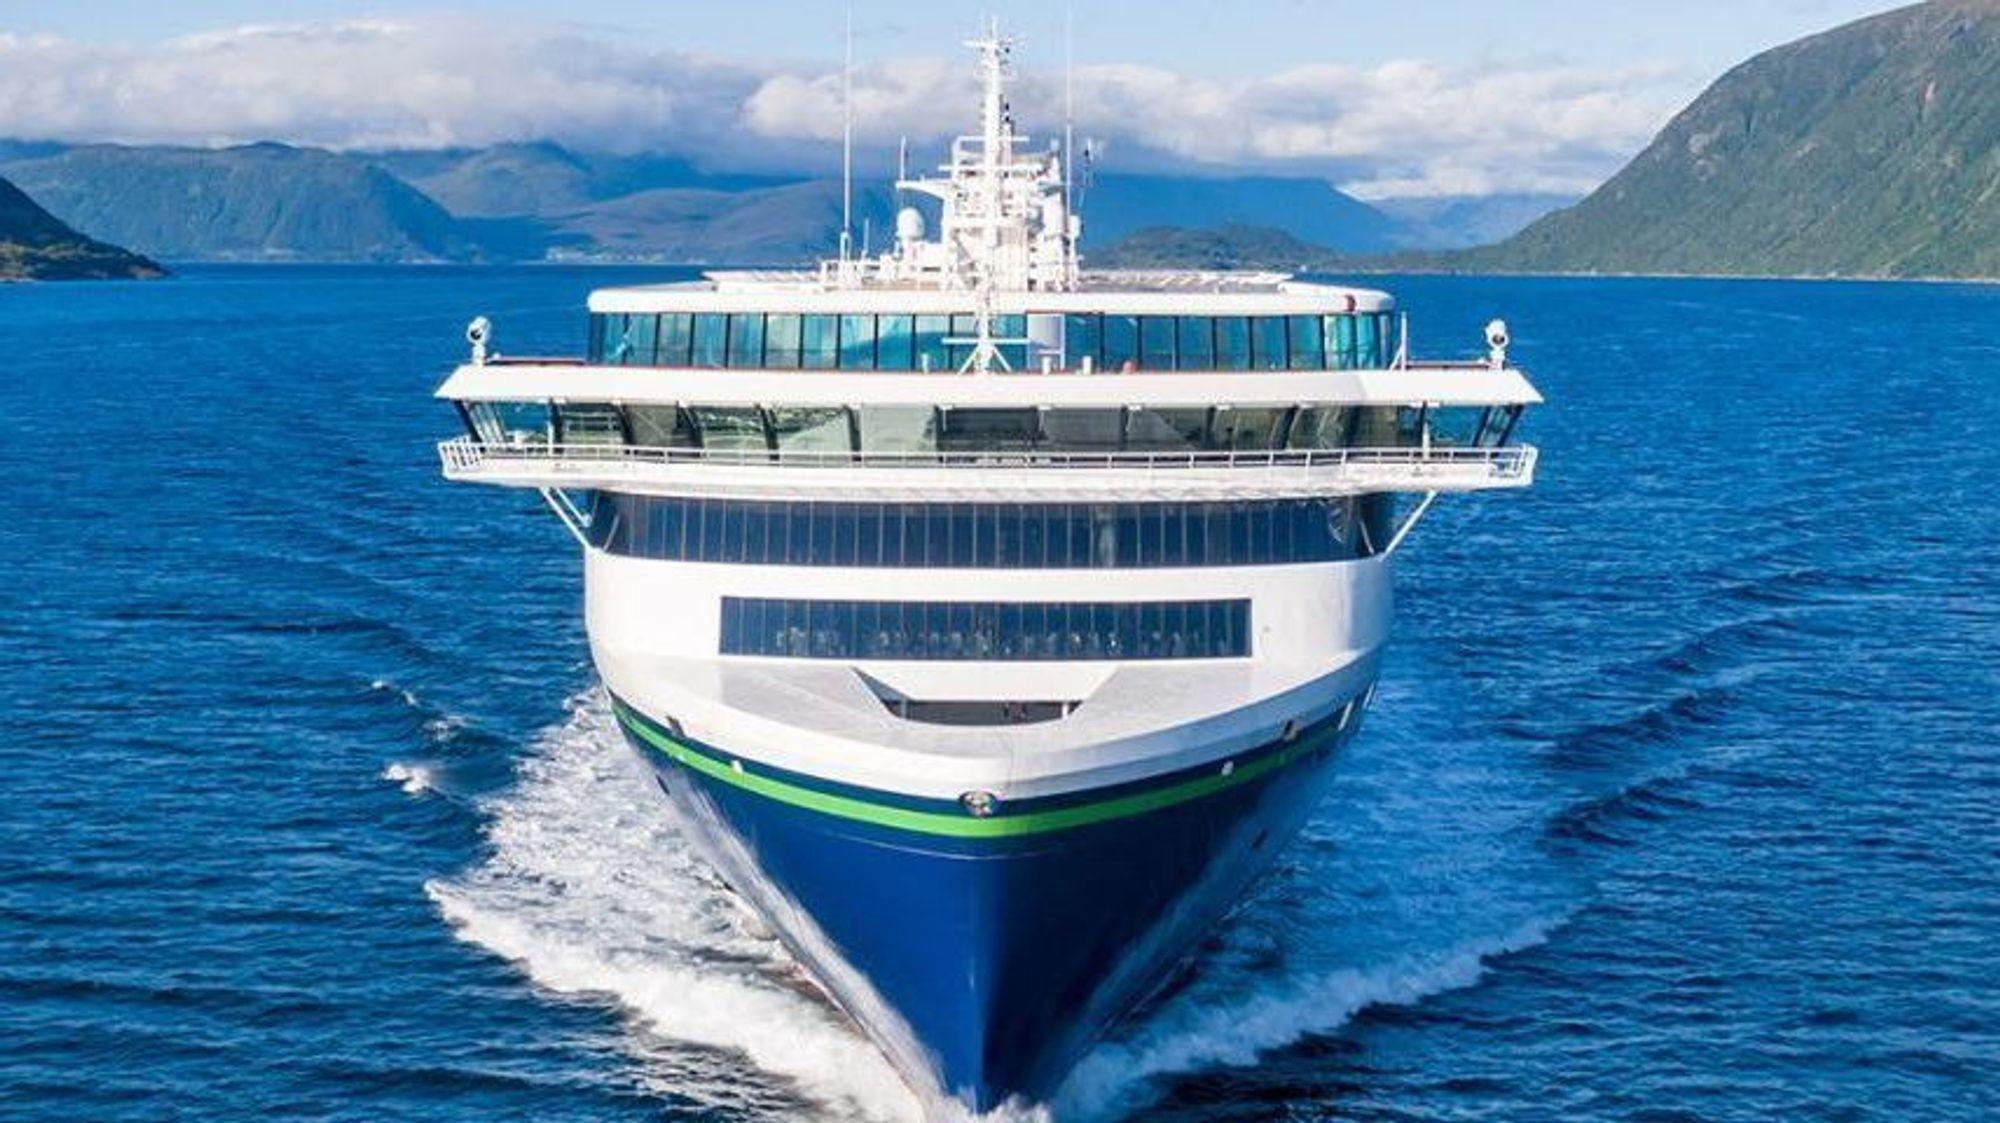 Verdens største plugin hybridskip er levert fra Ulstein verft til Color Line. 9. august går jomfruturen fra Sandefjord til Strømstad.